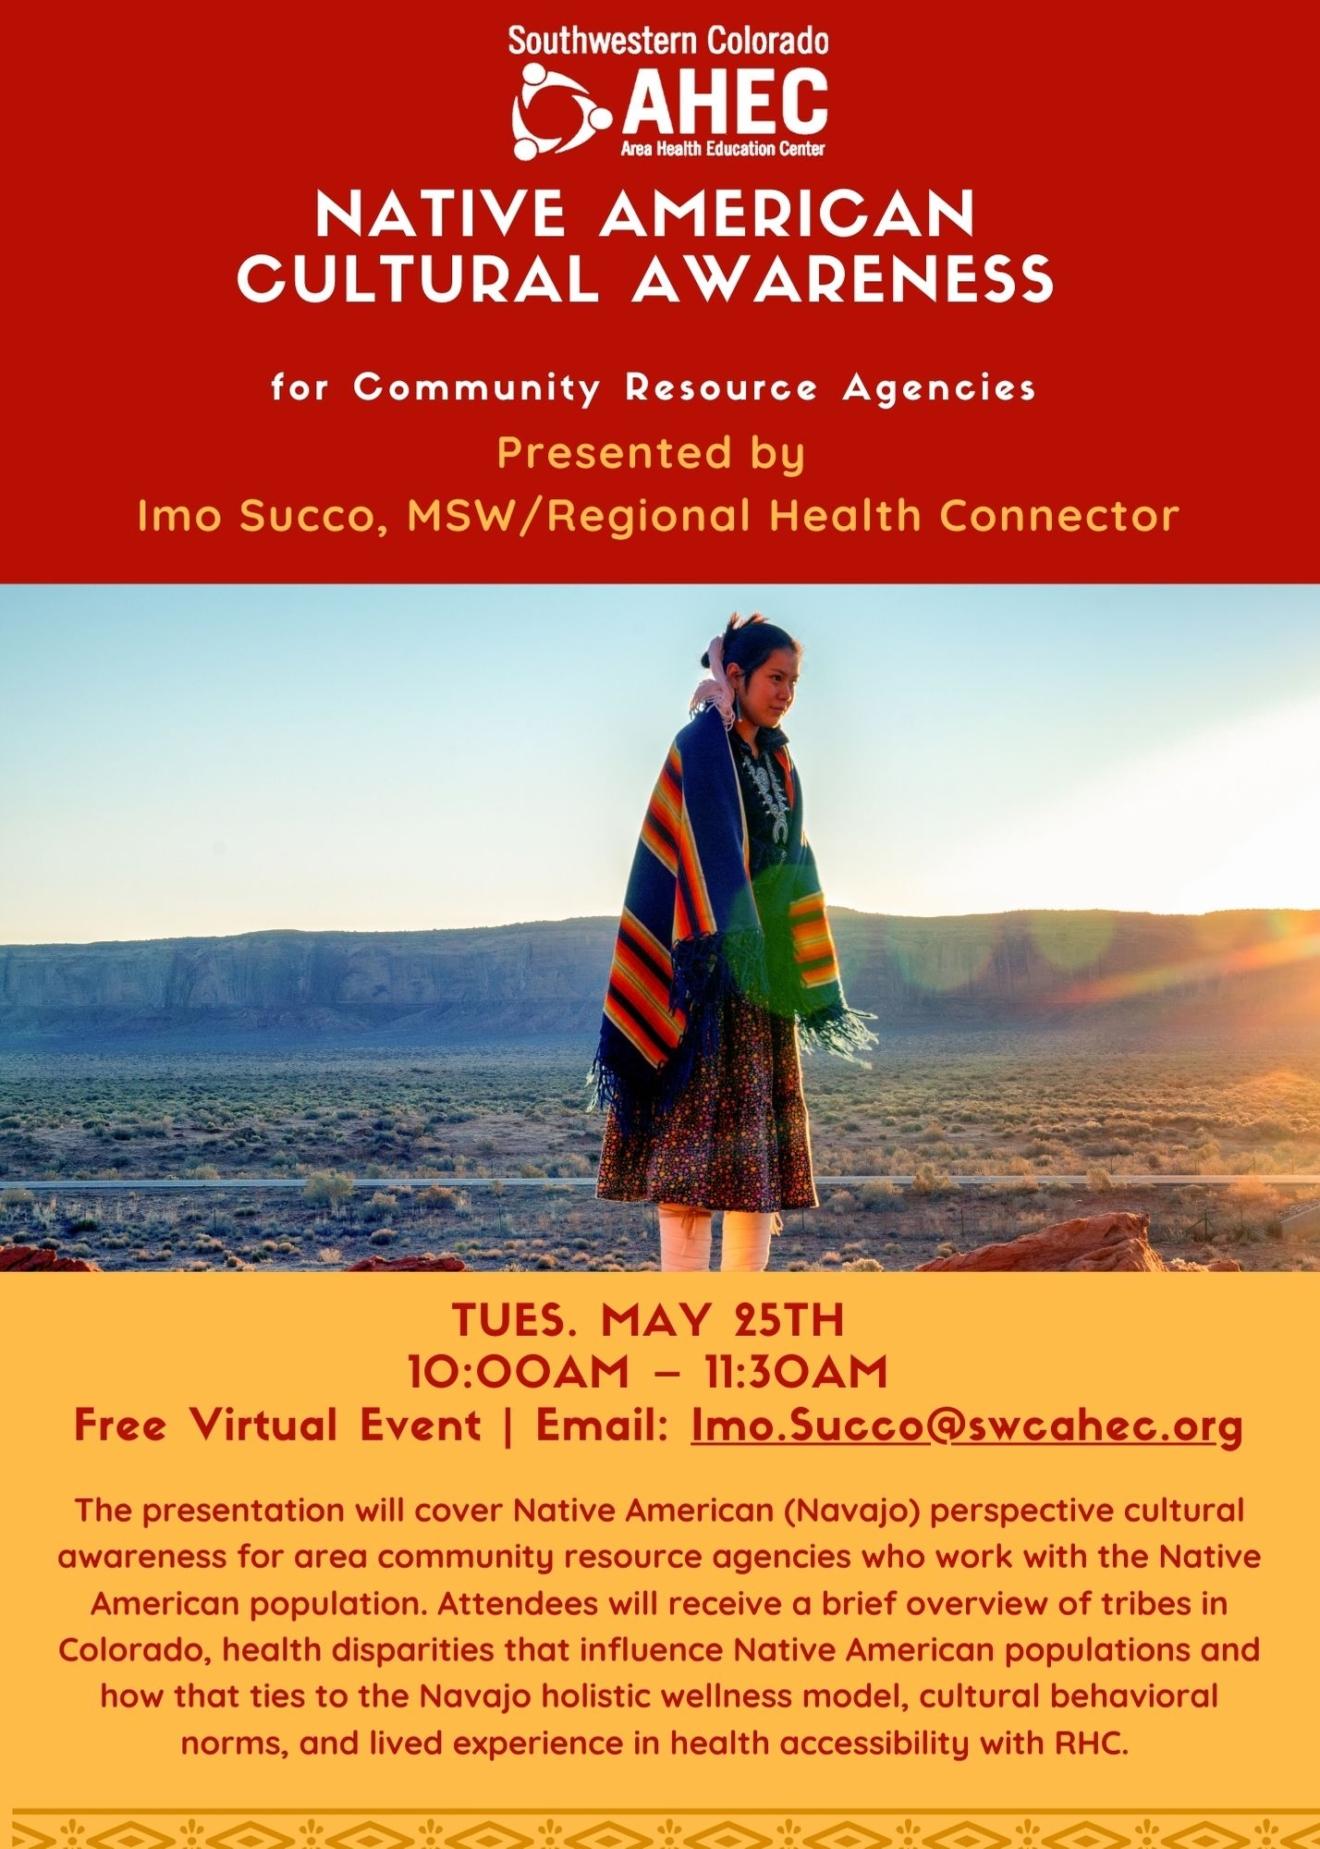 Cultural awareness-community